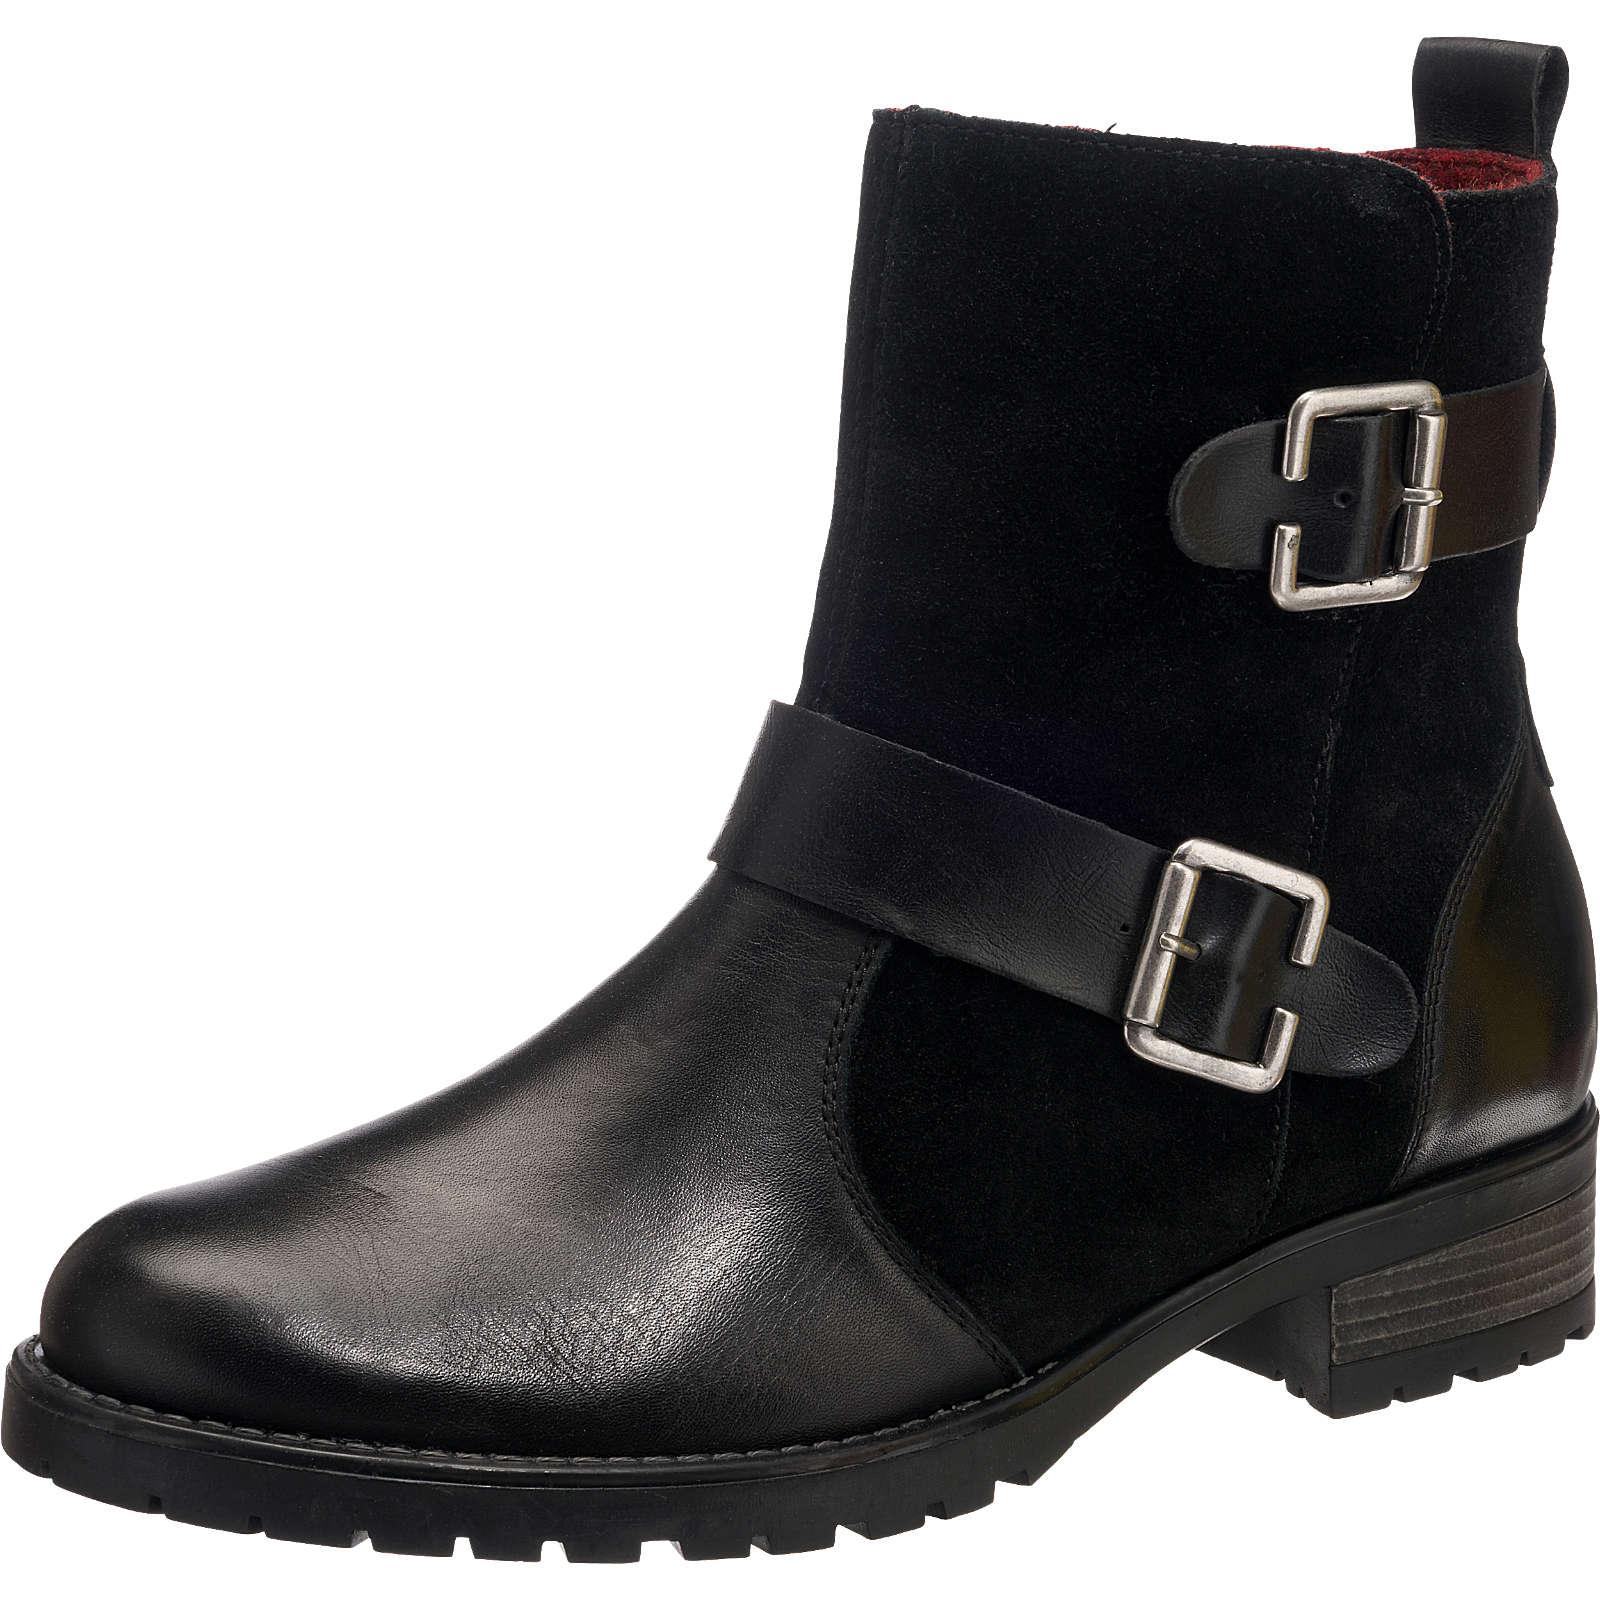 remonte Biker Boots schwarz Damen Gr. 37